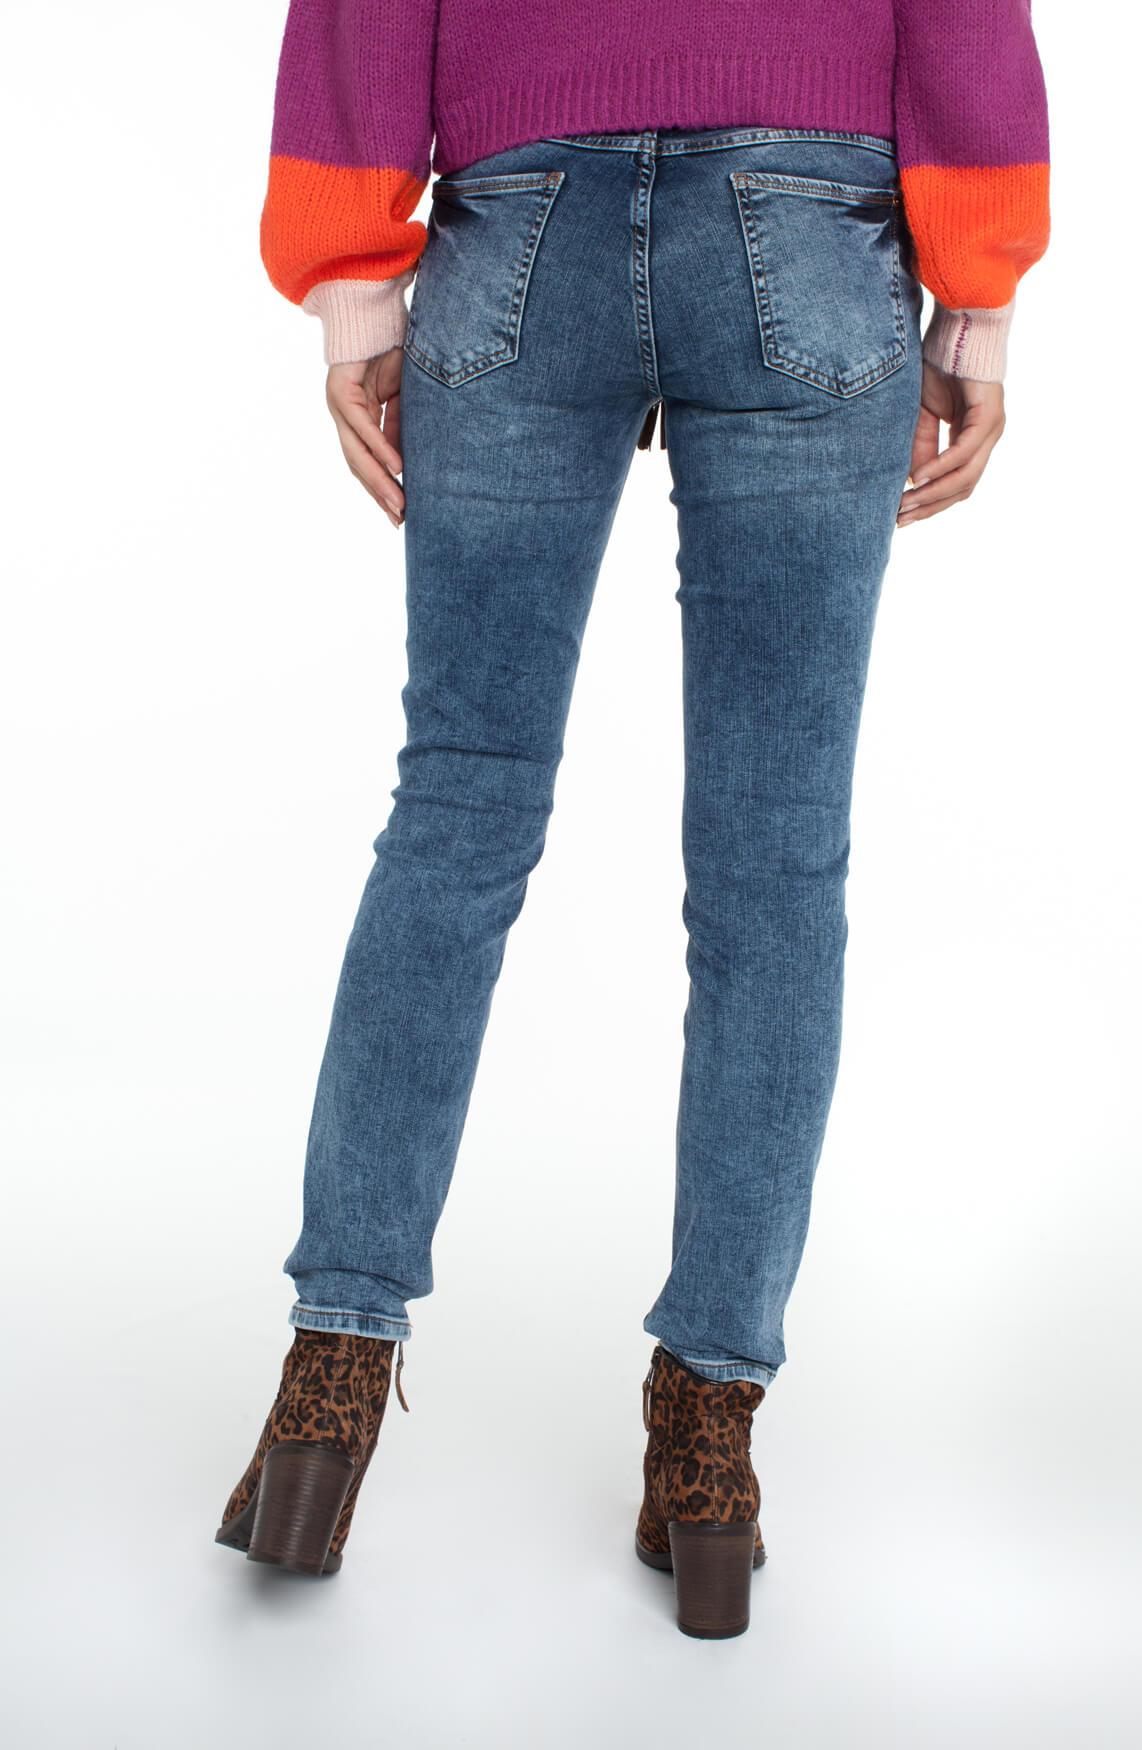 Rosner Dames Antonia jeans met gevlochten ceintuur Blauw